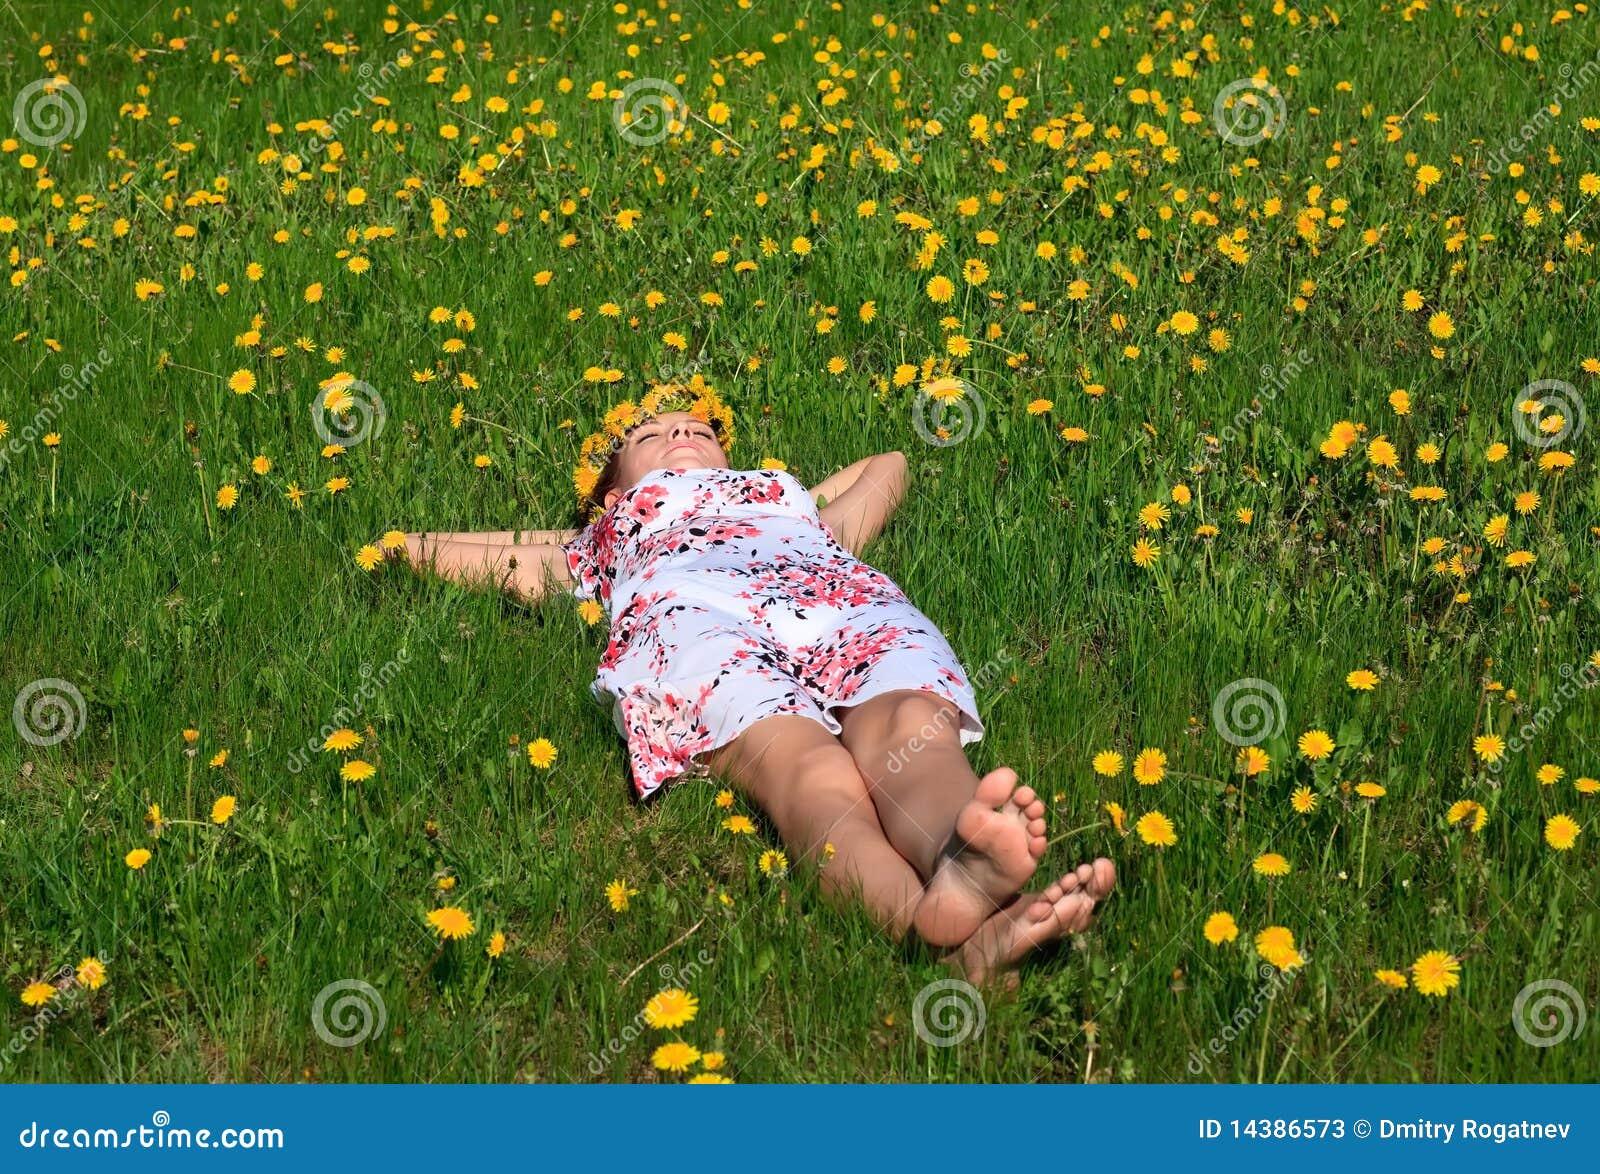 Bienvenidos al nuevo foro de apoyo a Noe #203 / 17.12.14 ~ 18.12.14 - Página 3 Beautiful-girl-lying-down-grass-14386573